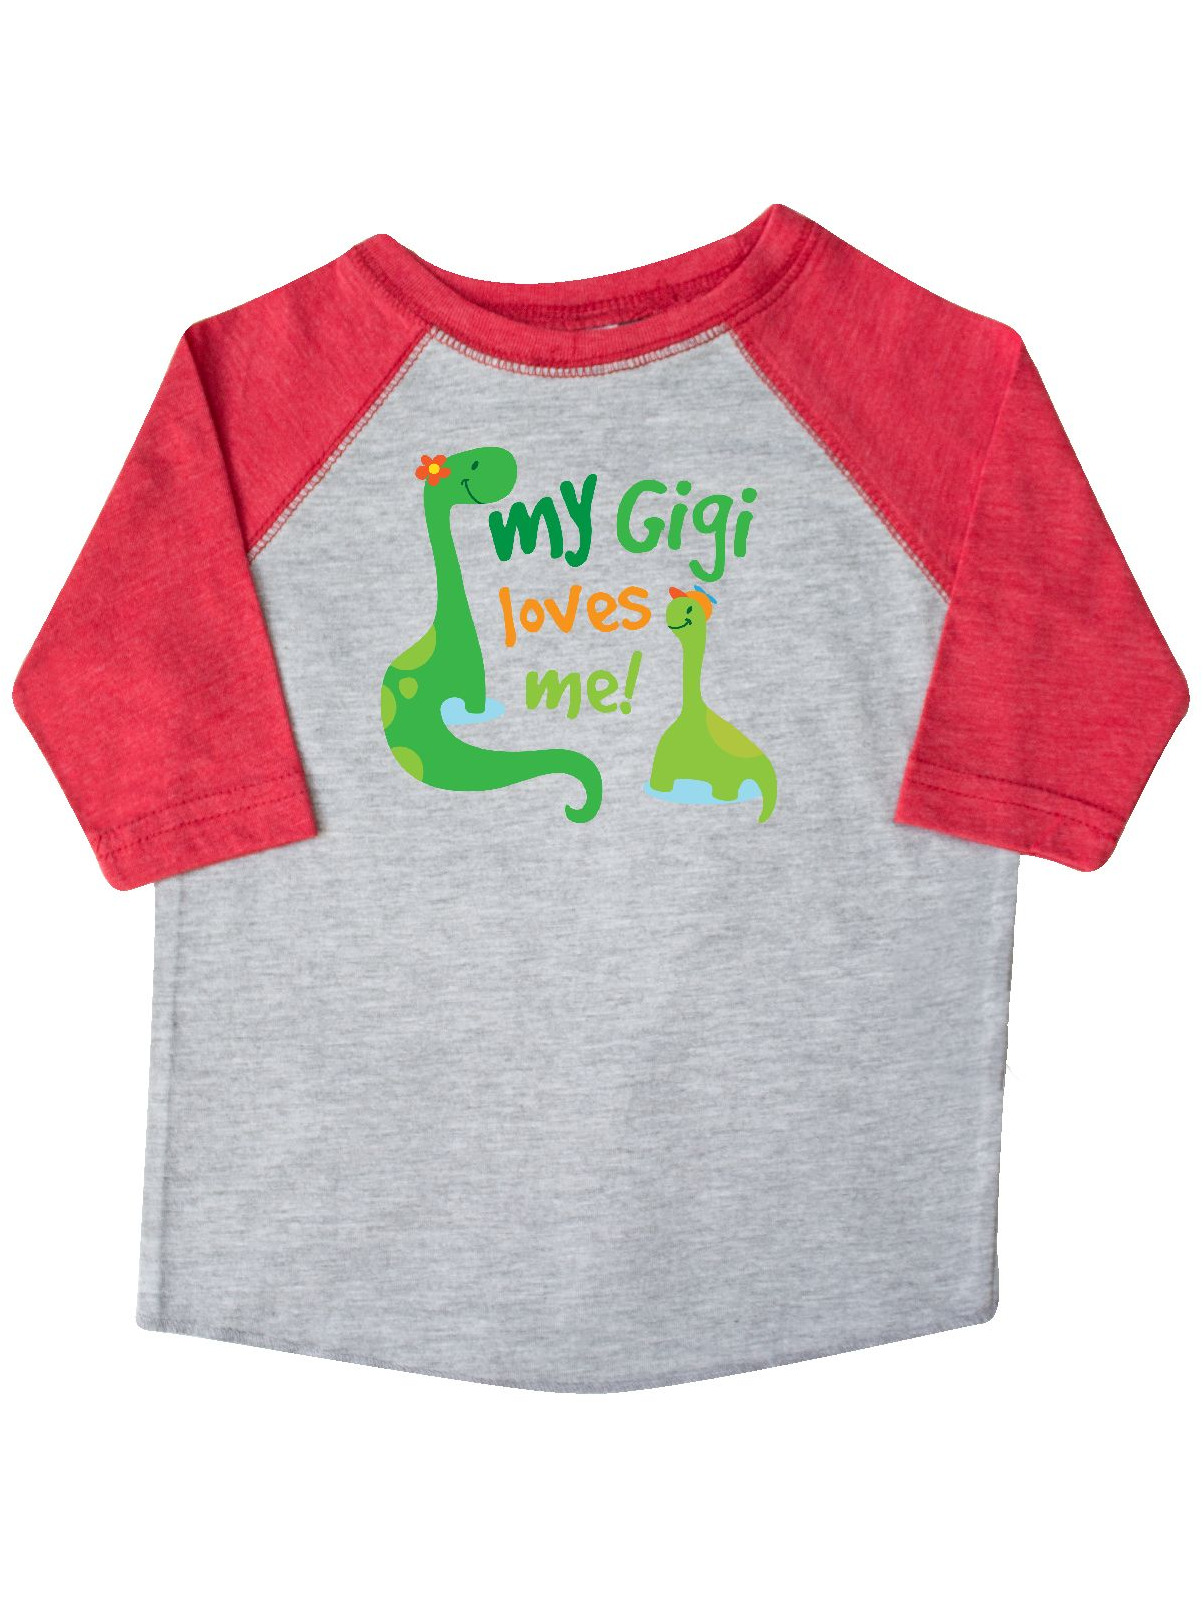 My Gigi Loves Me Grandson Gift Toddler T-Shirt